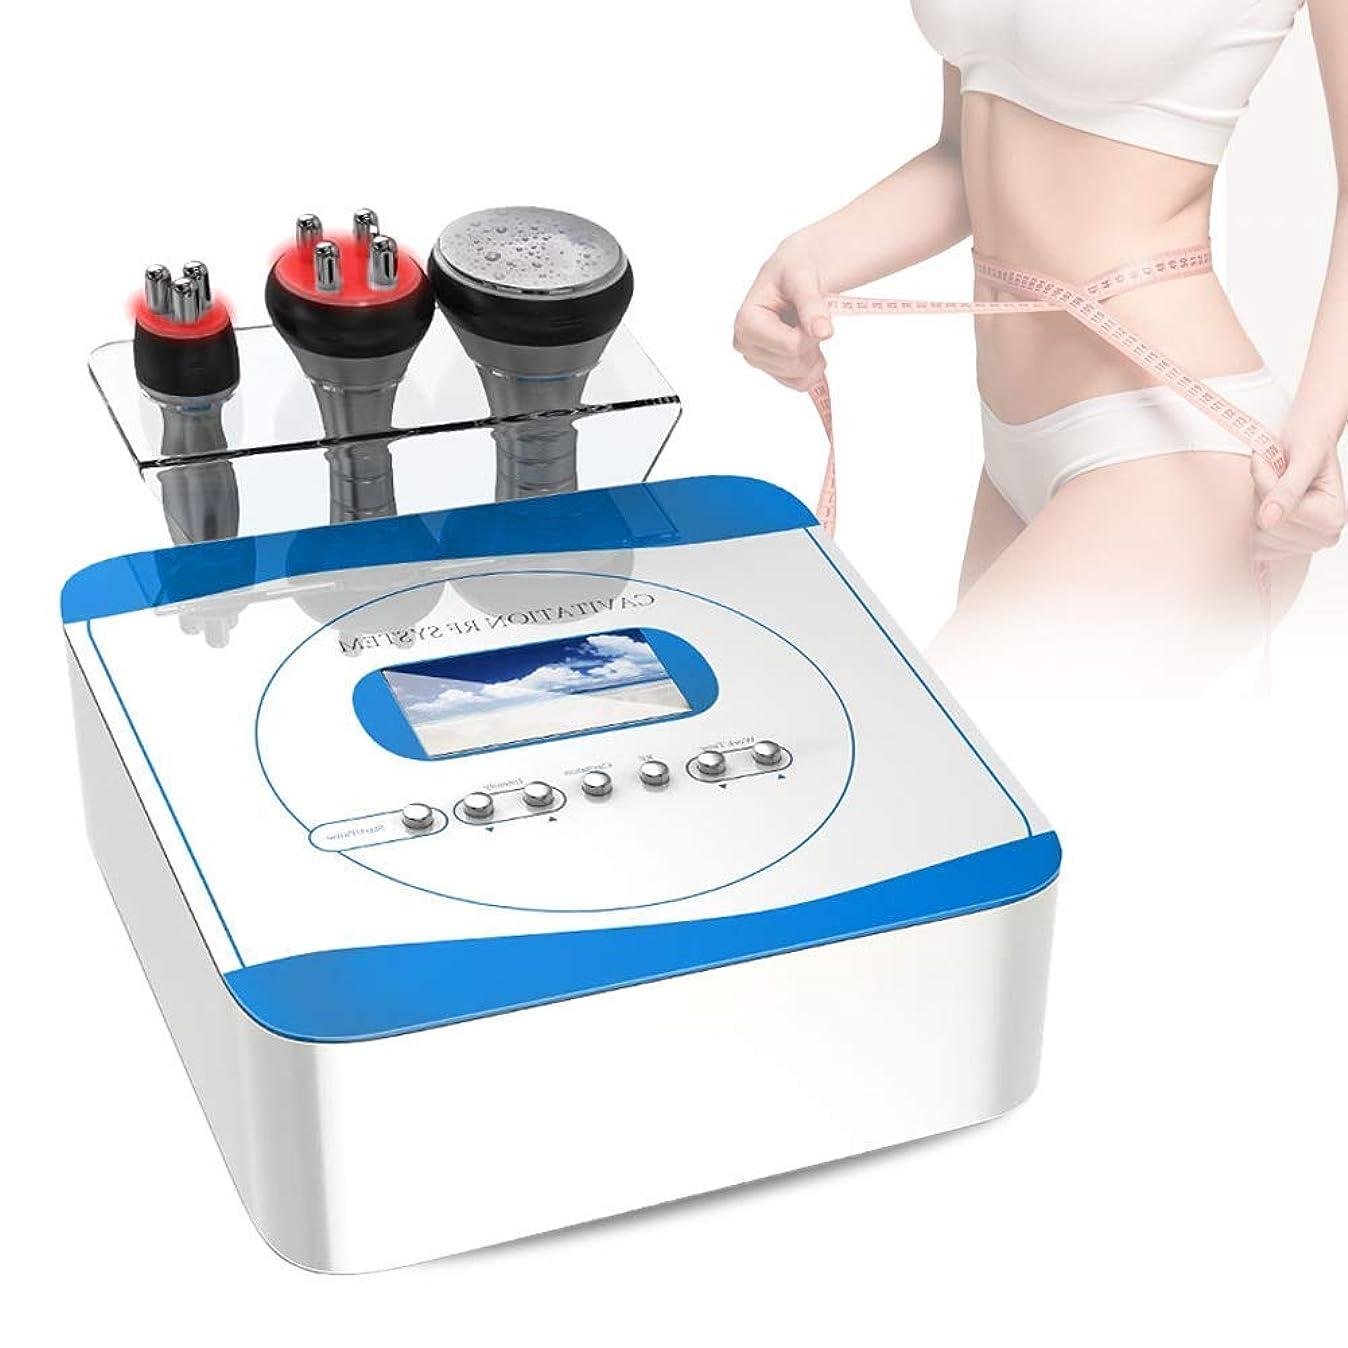 外科医あまりにもジェム脂肪除去機、腰、腕、腹、脚のためのリフティング美容機を引き締める1ボディマッサージ脂肪除去肌に3